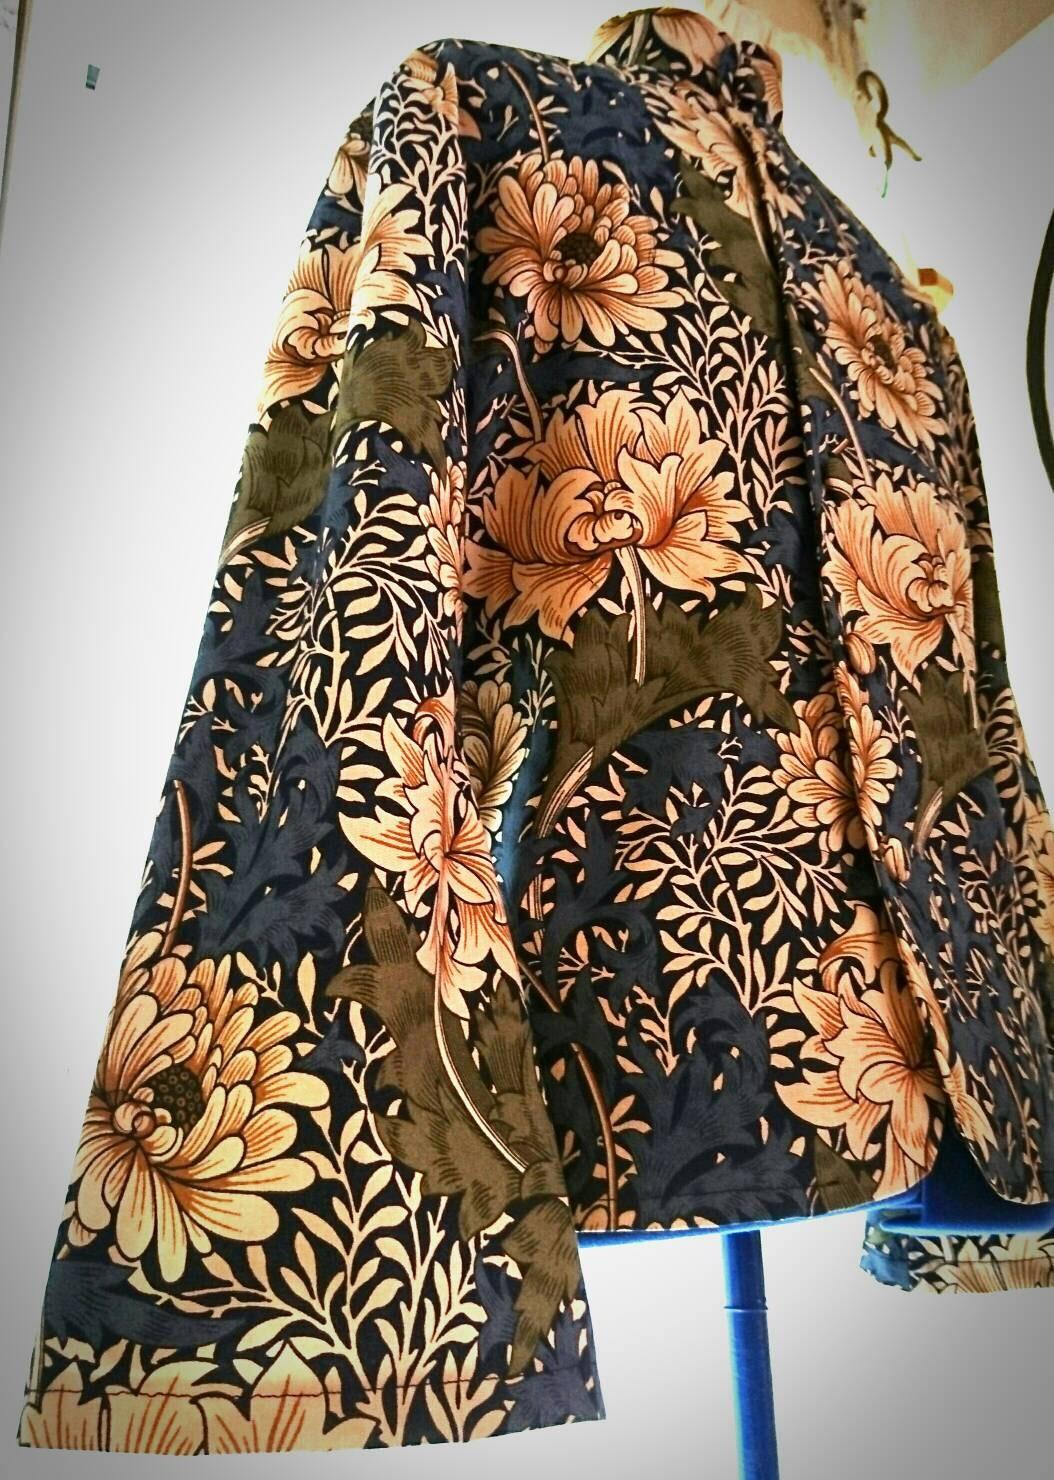 Kaftan in William Morris print fabric.